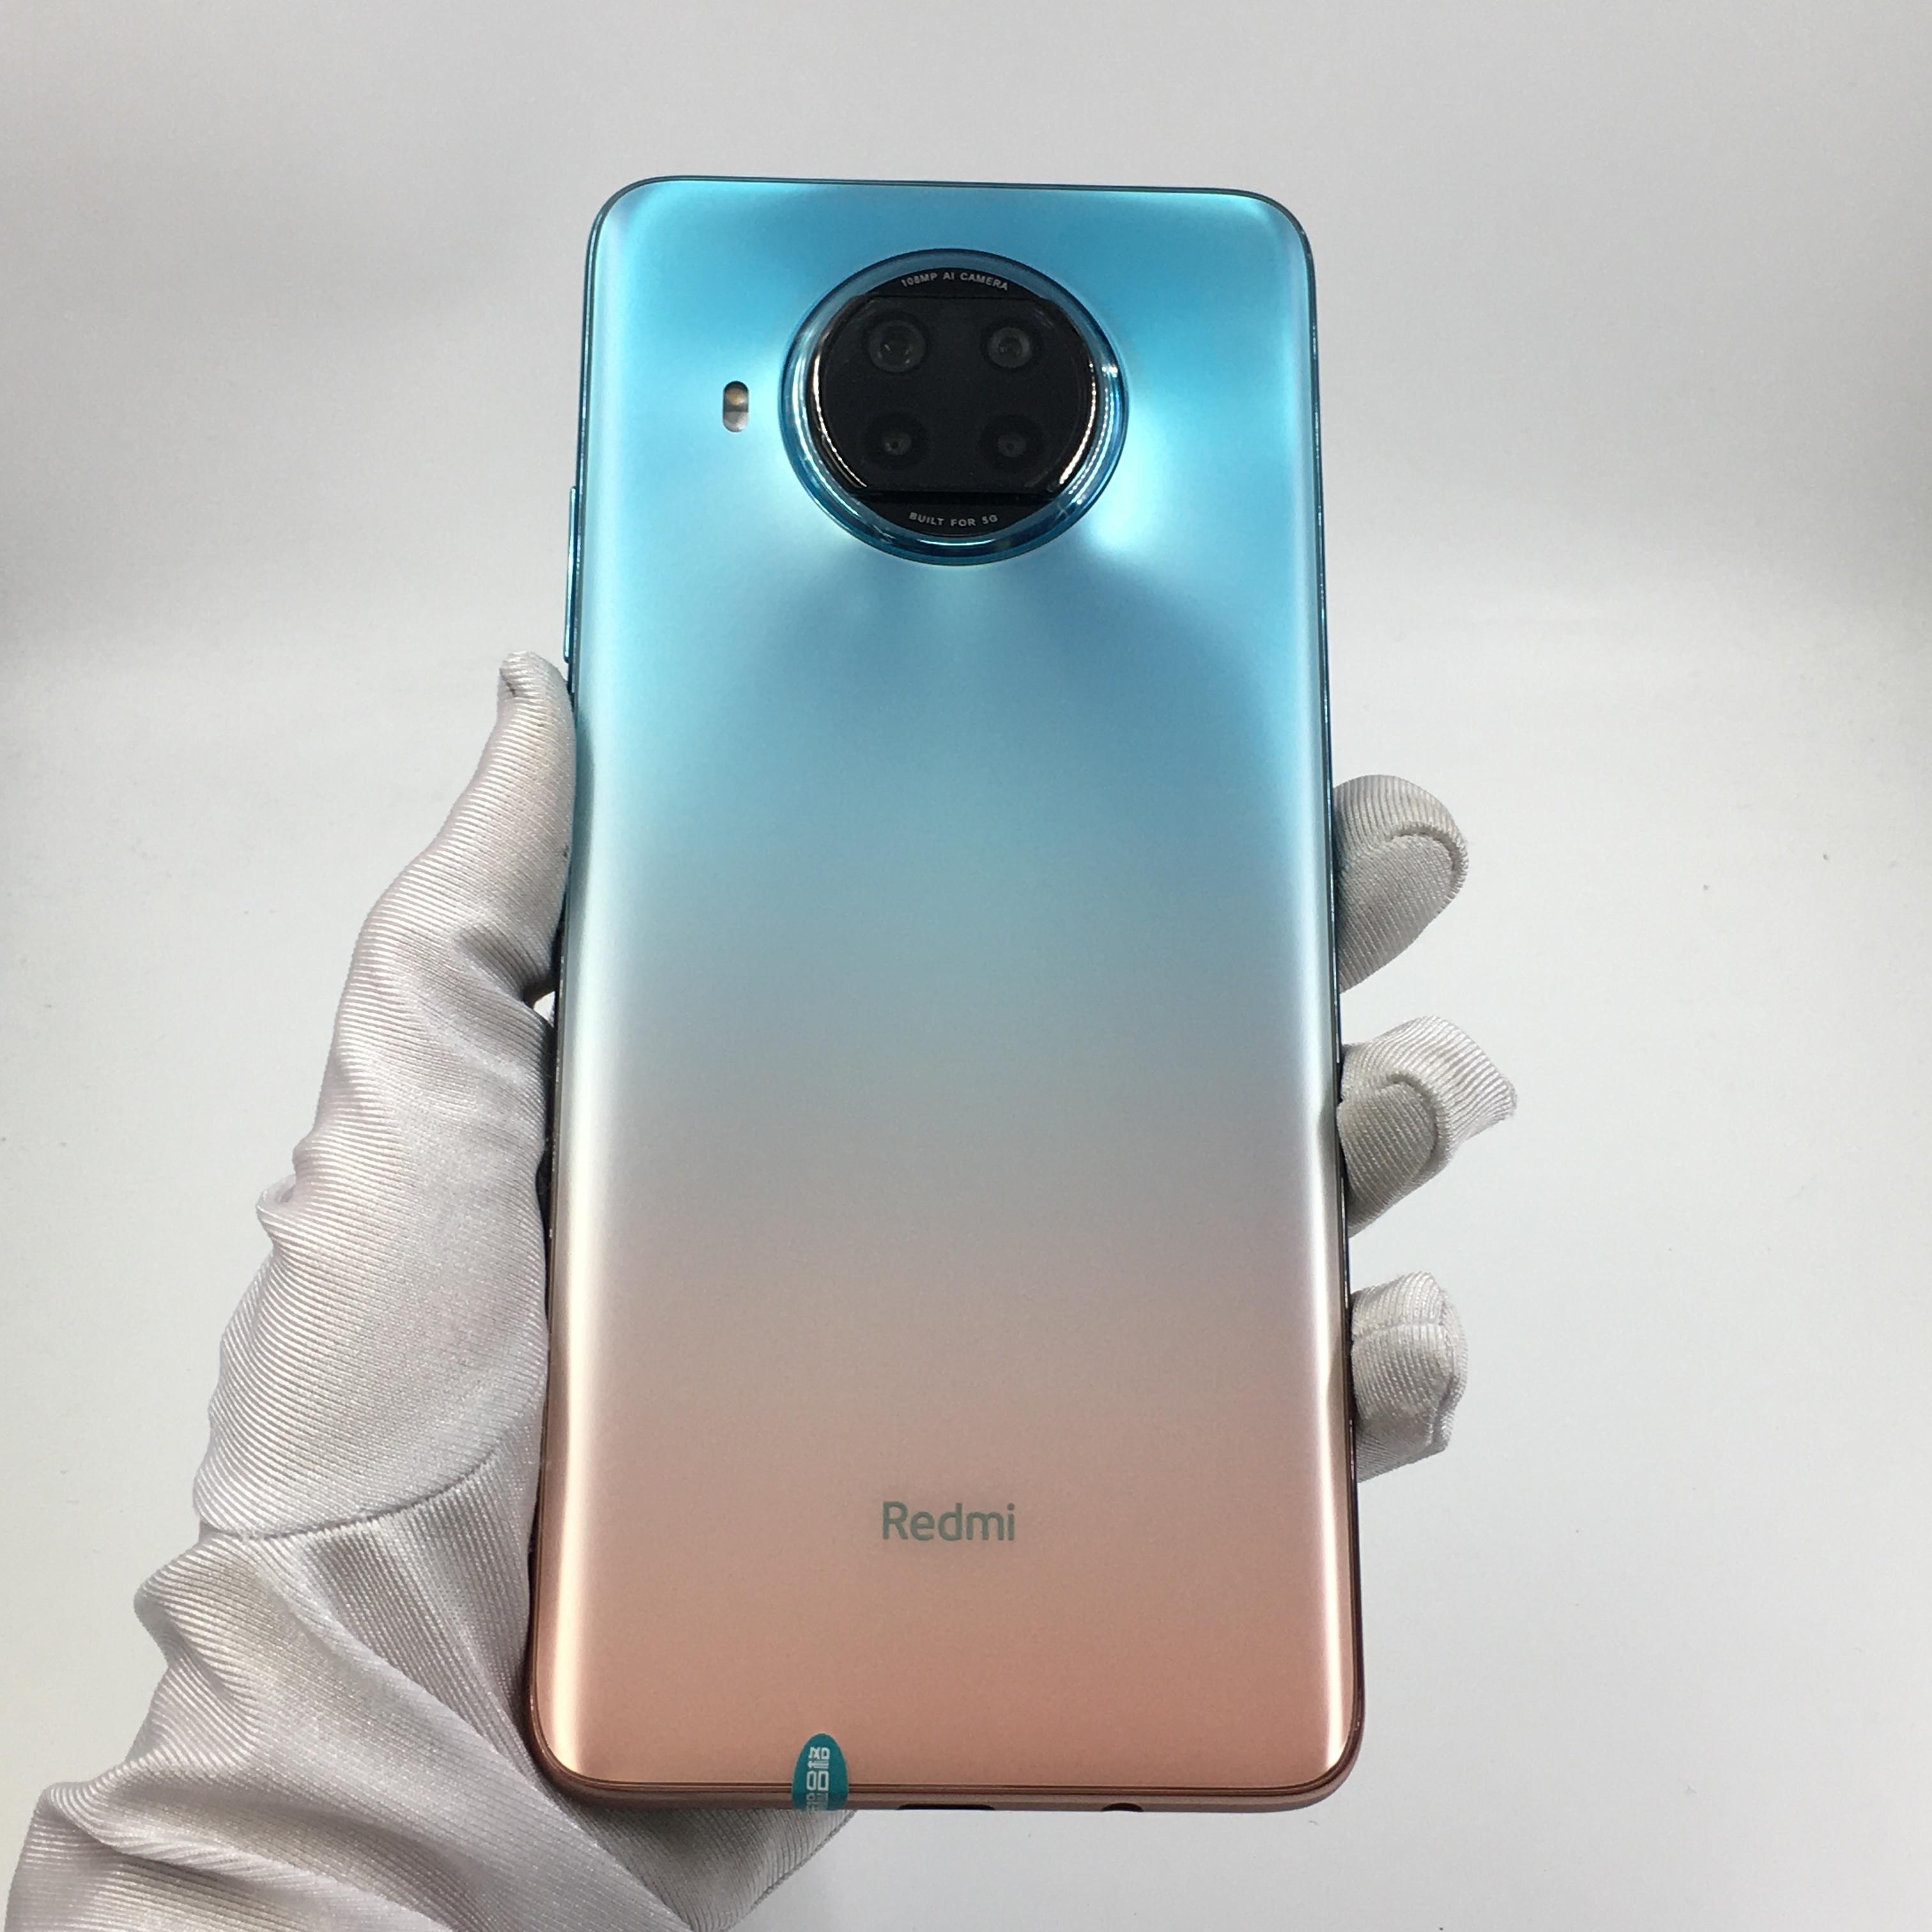 小米【Redmi Note 9 Pro 5G】5G全网通 湖光秋色 8G/256G 国行 95新 8G/256G真机实拍